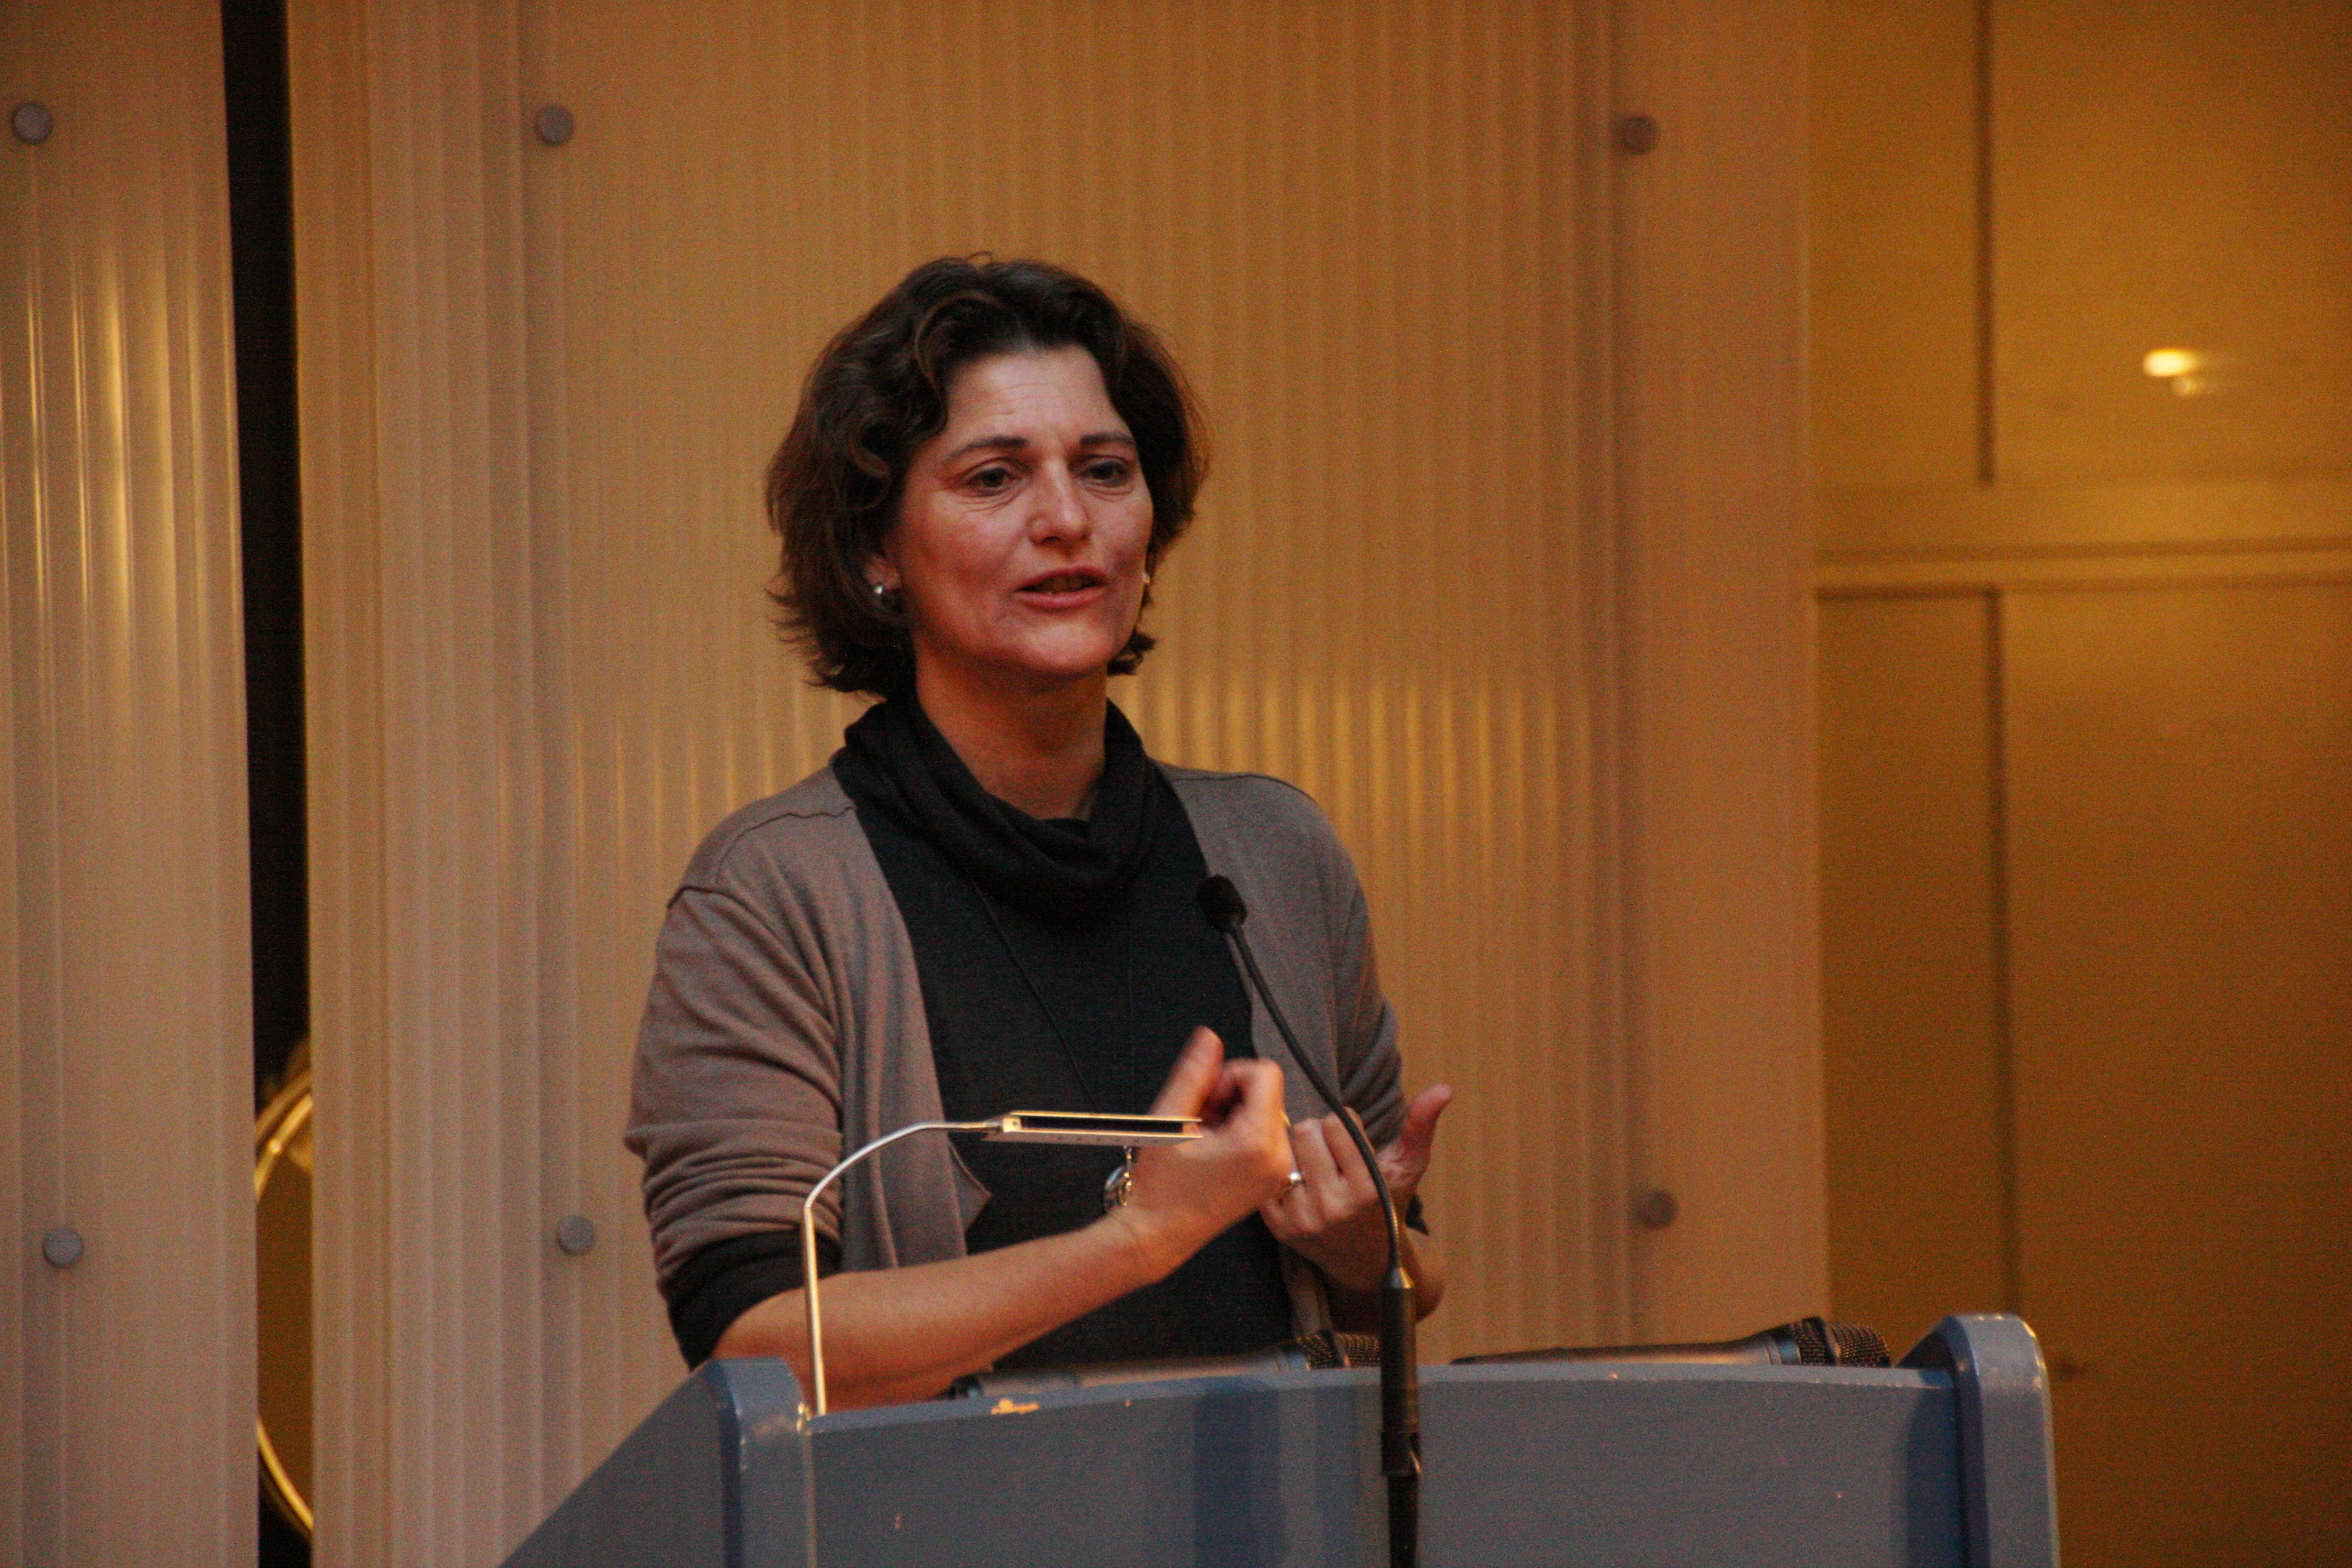 Vizepräsidentin des Landtags von Baden-Württemberg Frau Lösch sprach ein Grusswort.